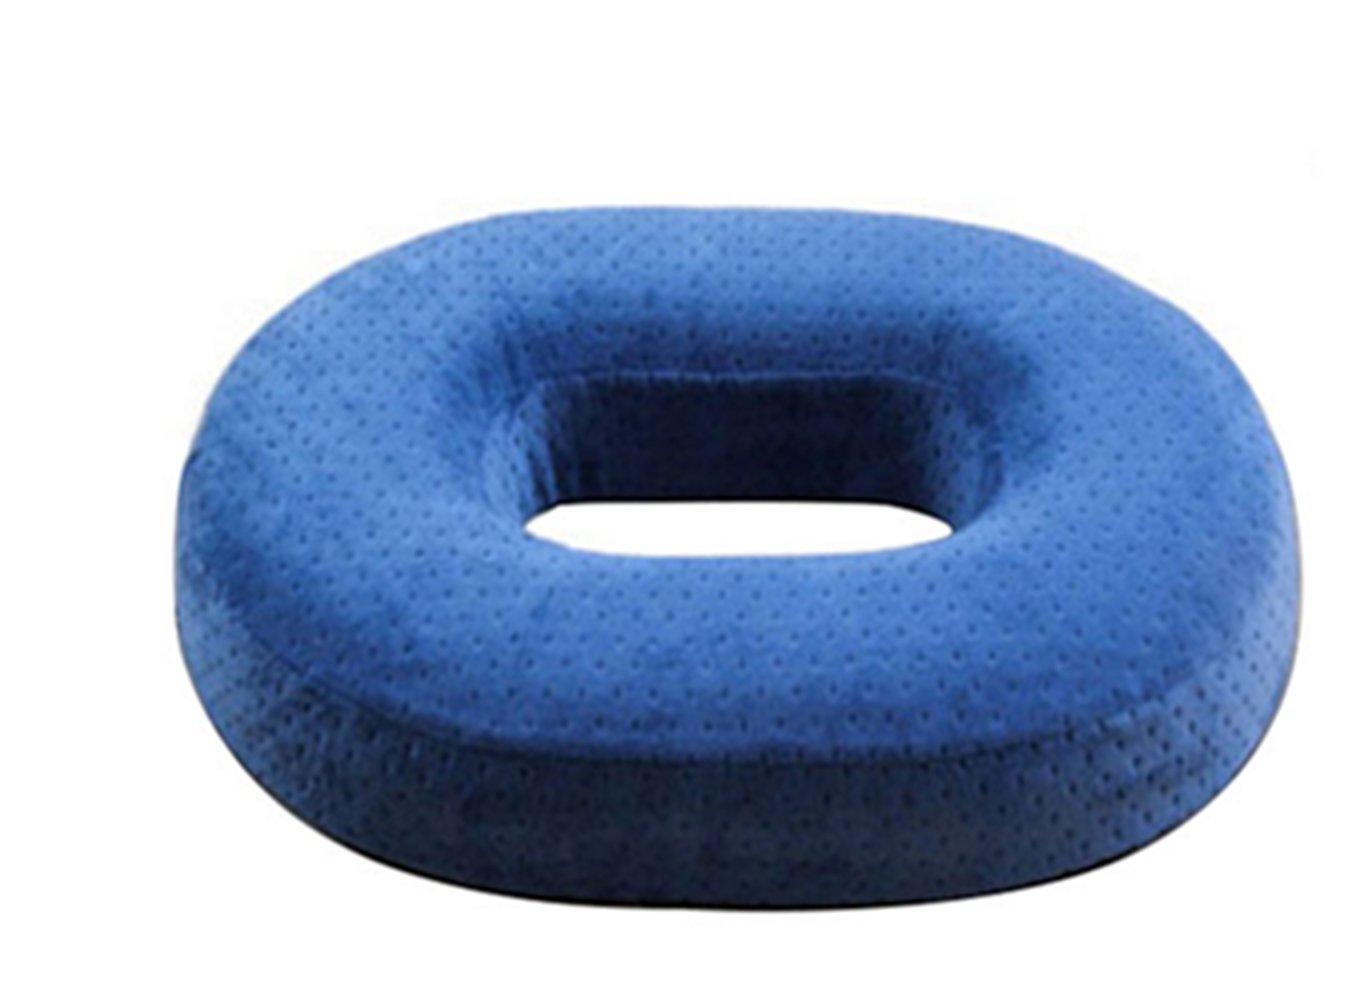 Mousse à mémoire de forme orthopédique Donut Coussin d'assise, réduit la sciatique. Soulagement, coccyx et douleur à la hanche post-natal, chirurgie, escarres DY- textiles